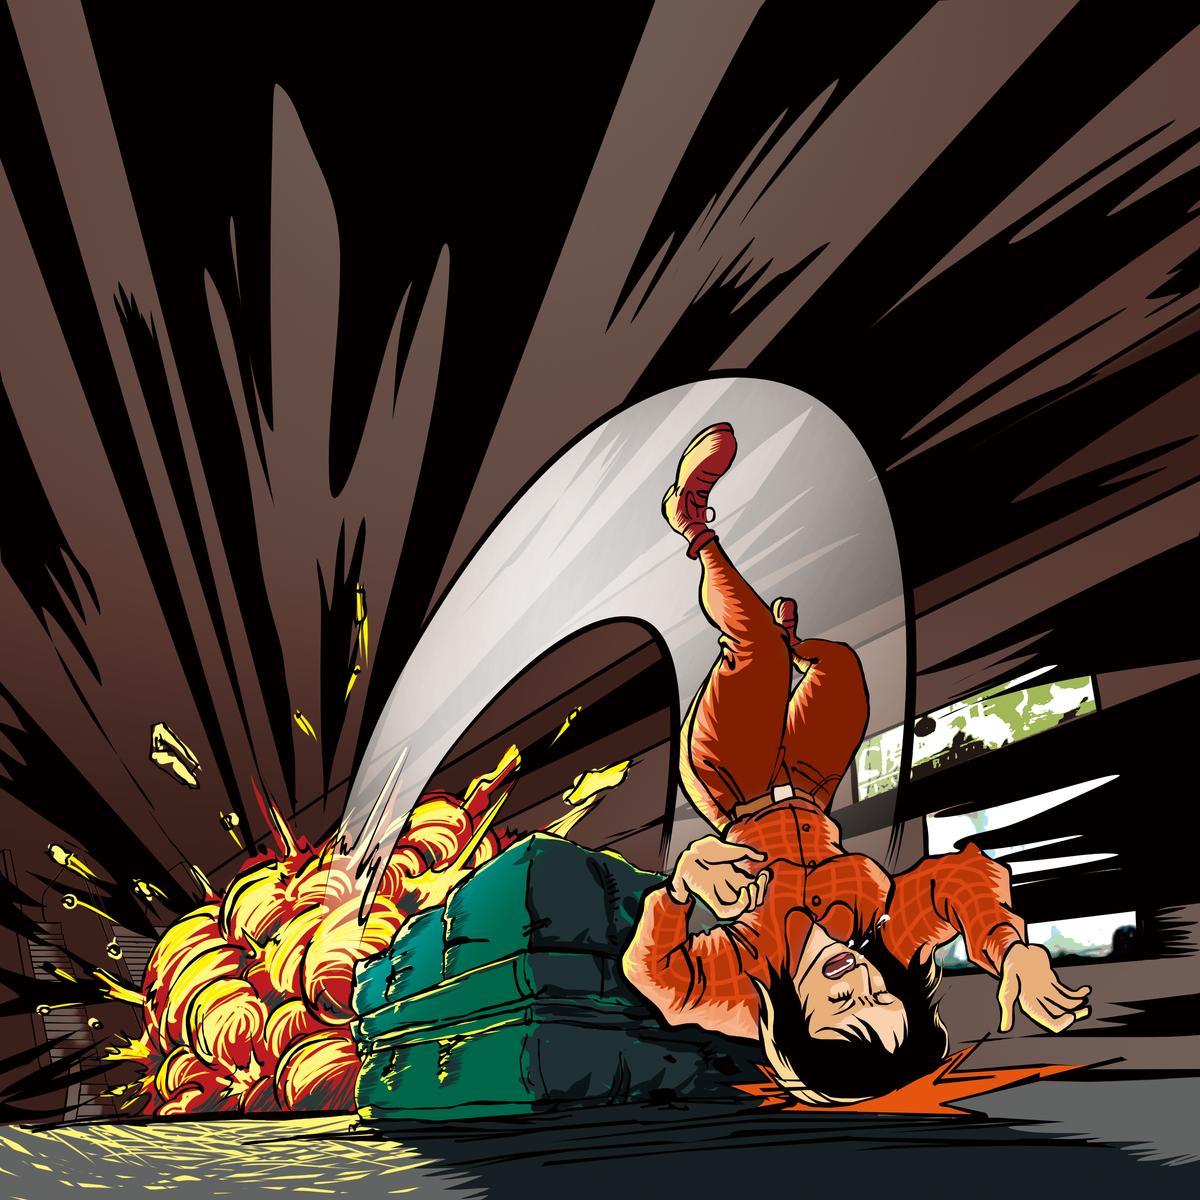 孟耿如摔落在防護墊之外,頭部著地,讓她痛不欲生。(示意圖)